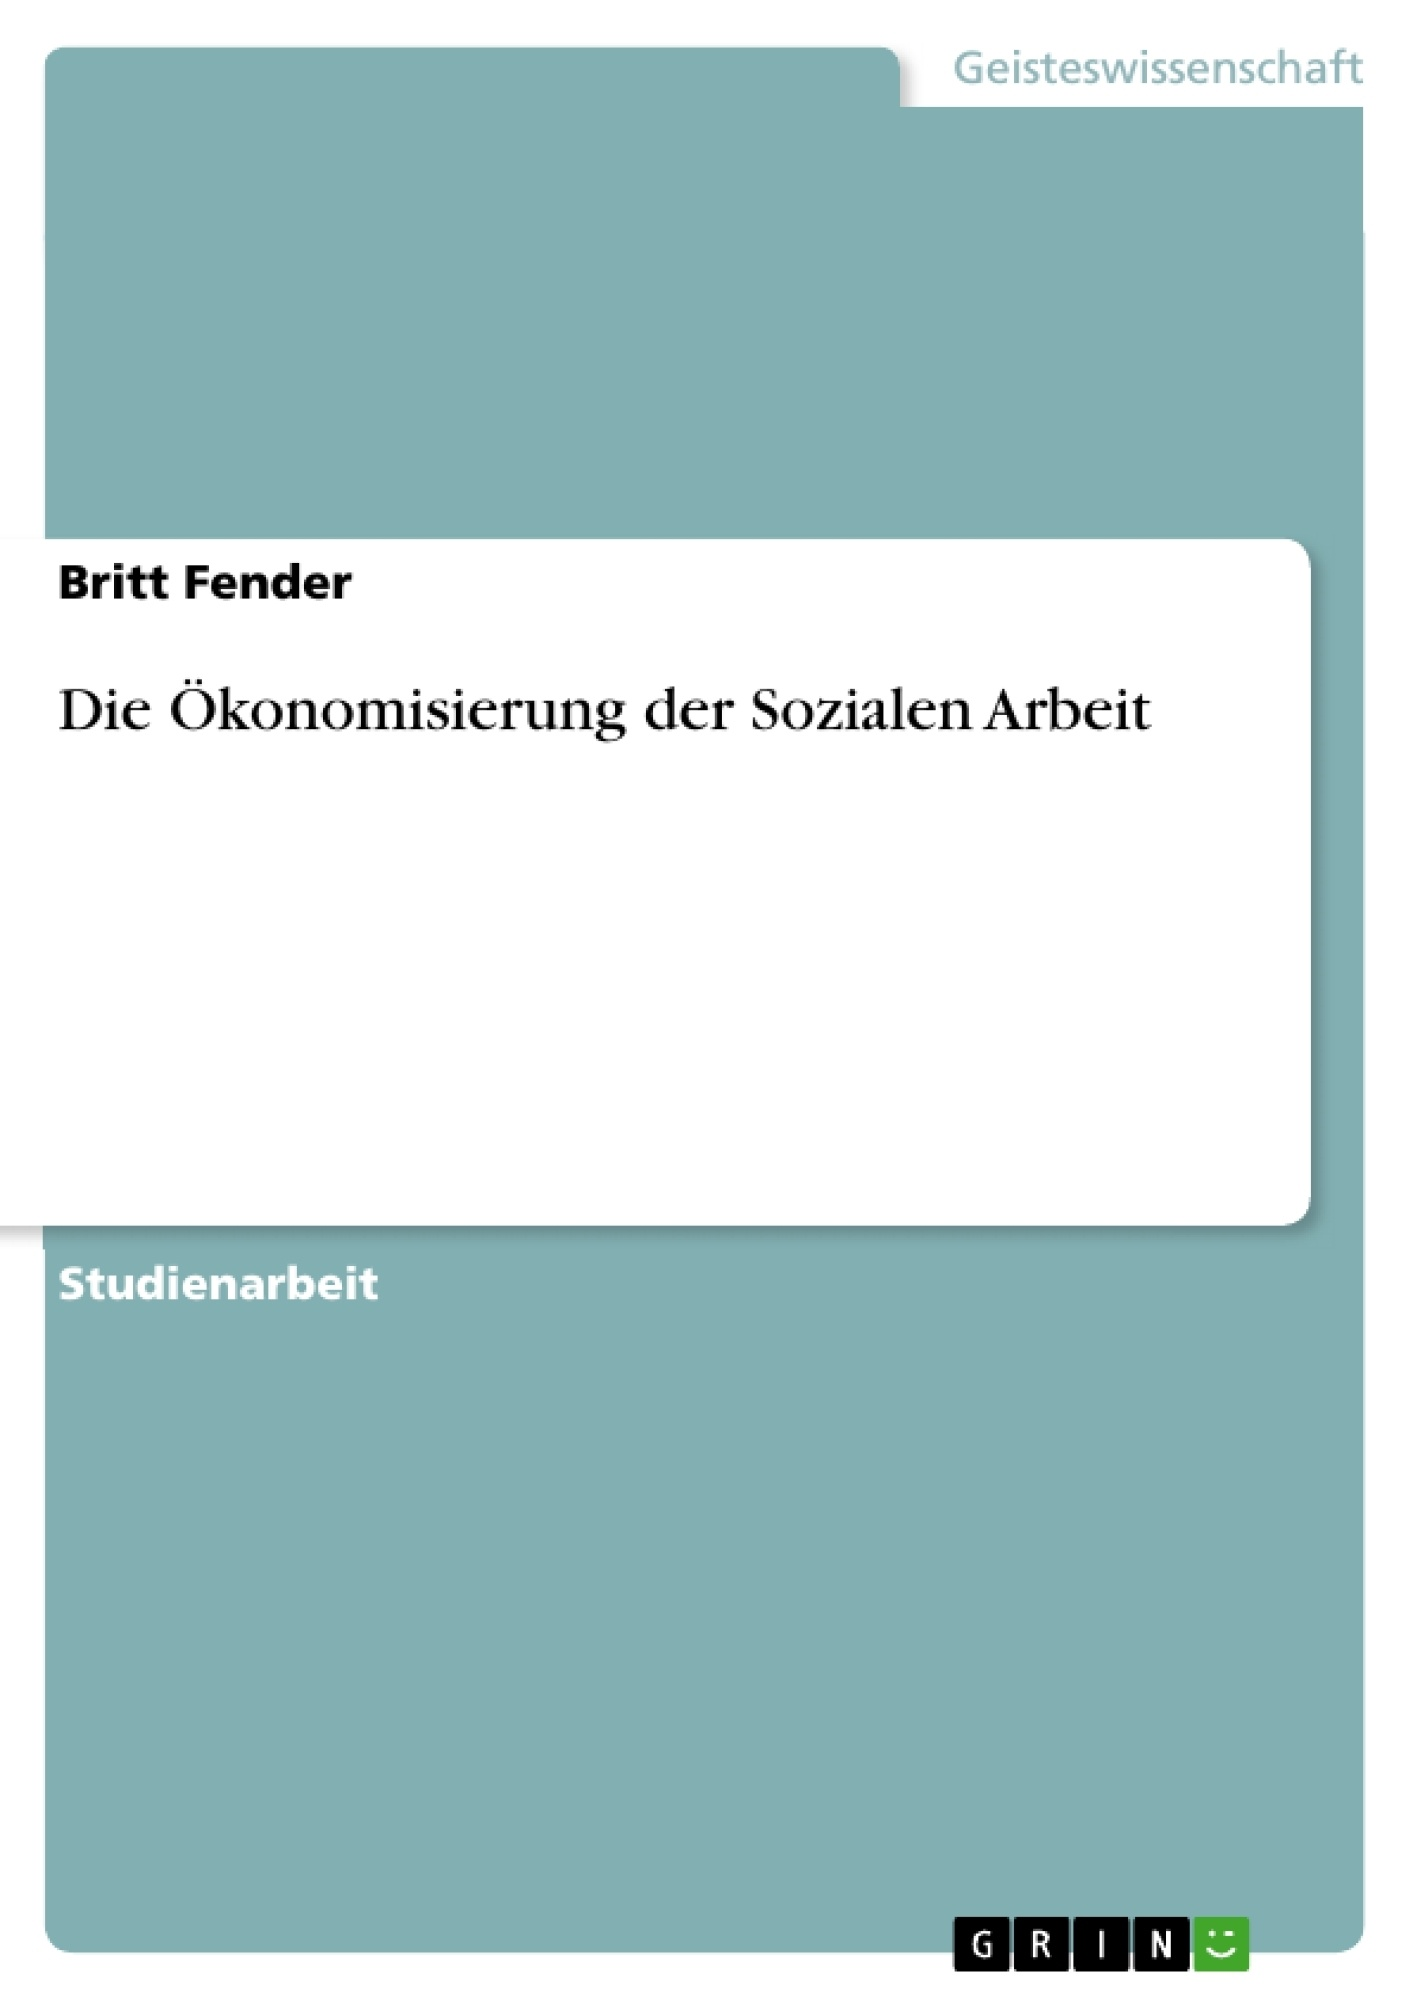 Titel: Die Ökonomisierung der Sozialen Arbeit